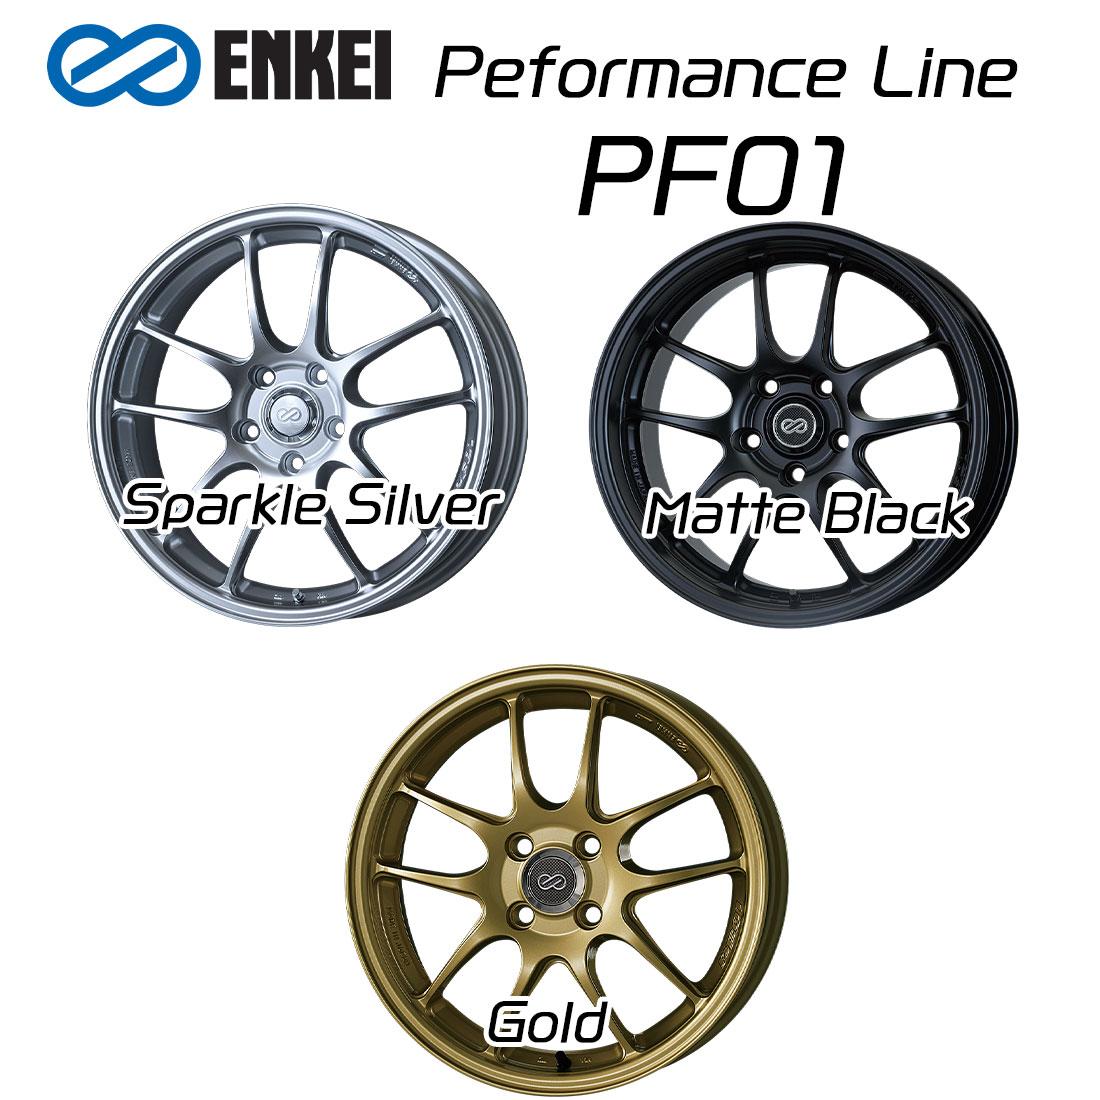 エンケイ ホイール パフォーマンスライン PF01 18インチ 10.5J ENKEI Peformance Line スパークル シルバー マット ブラック ゴールド 車 かっこいい